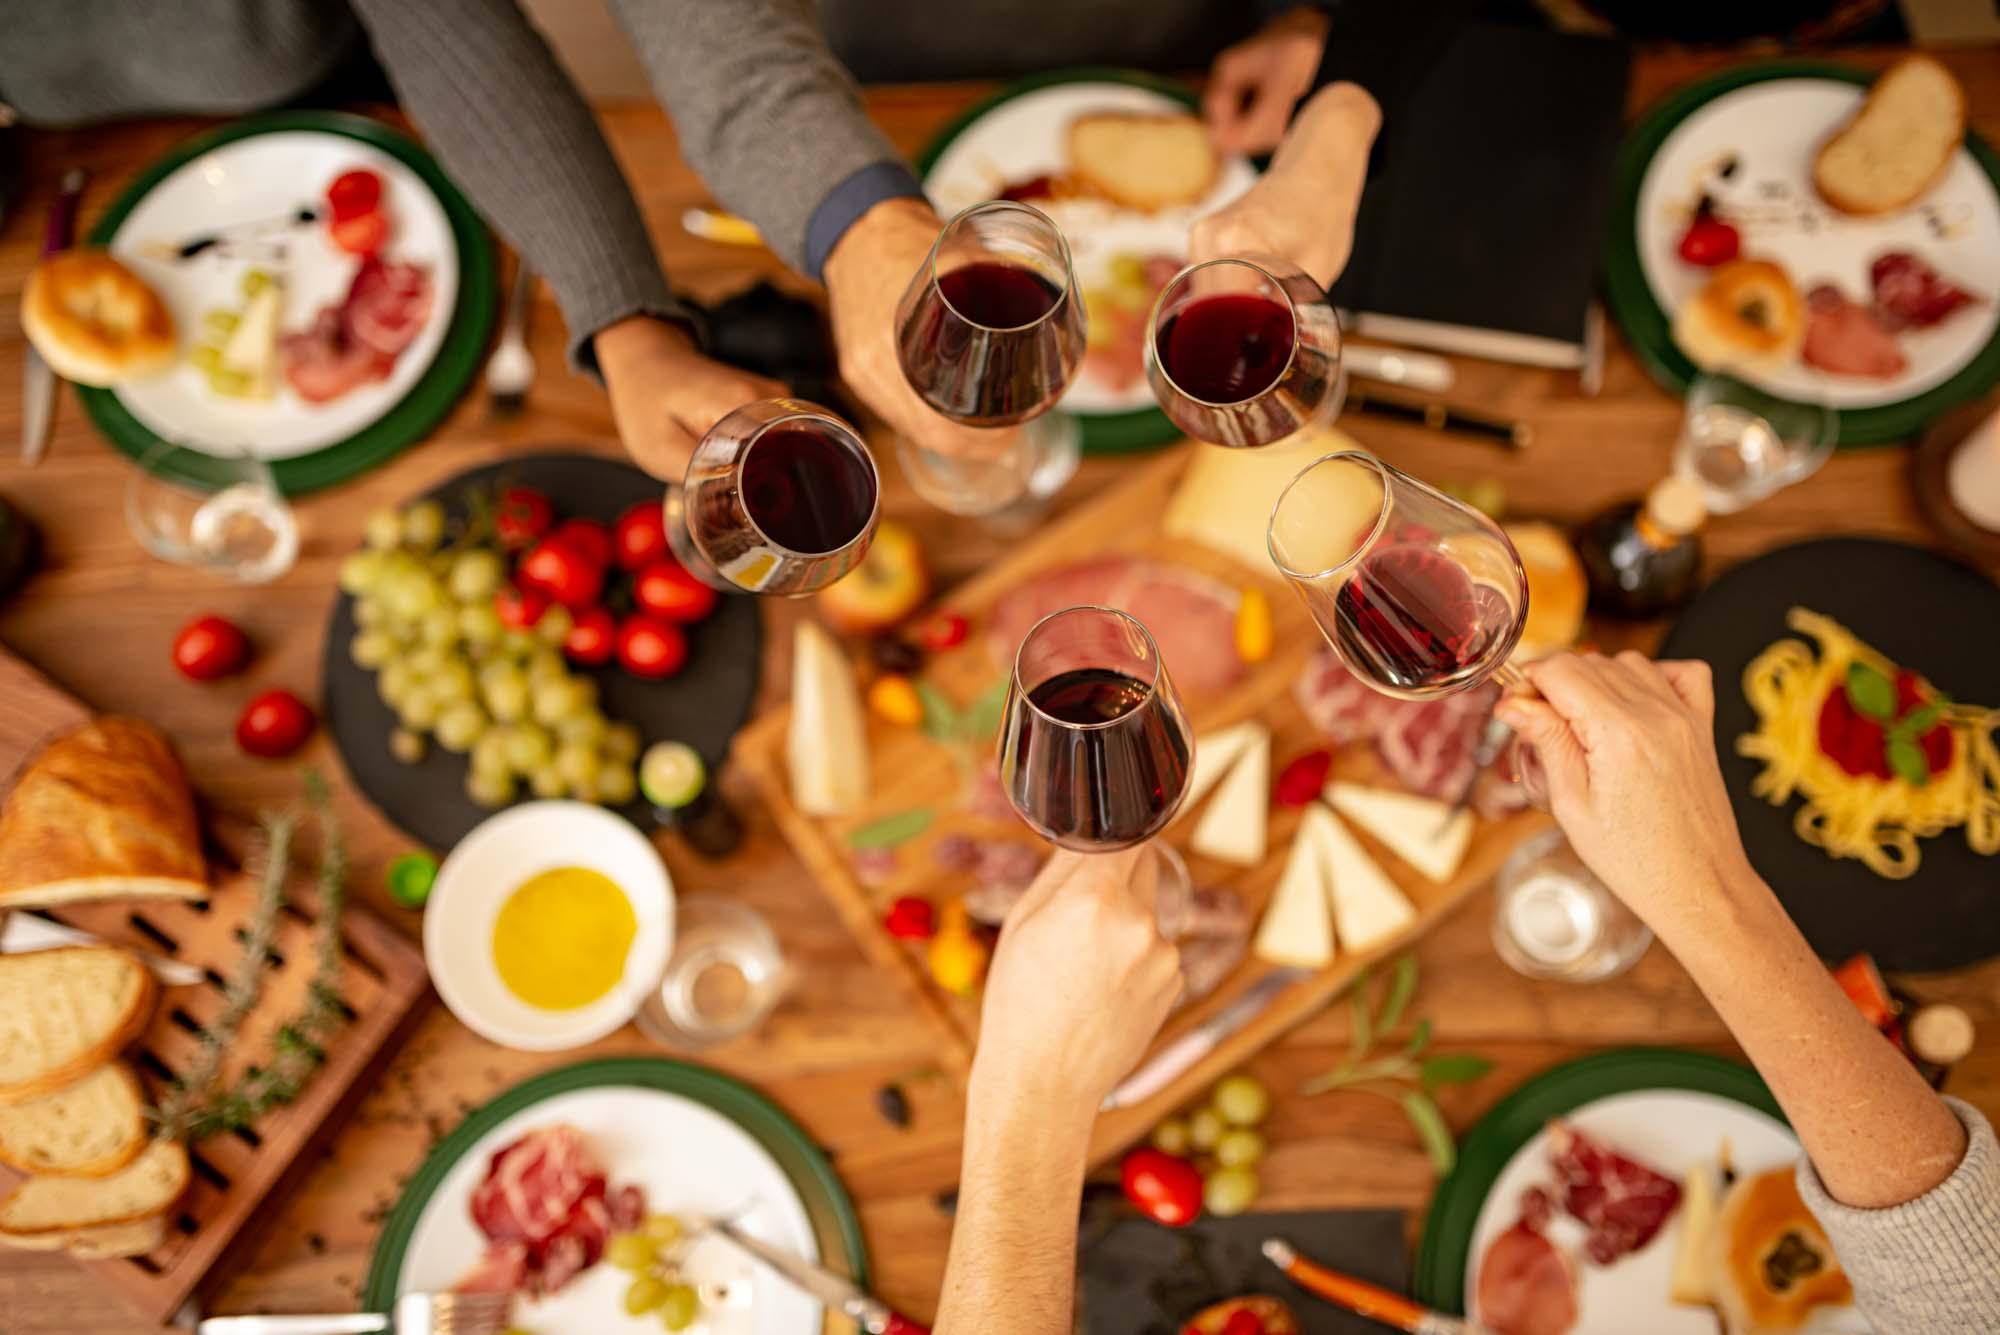 Corsi Di Cucina Formazione Manageriale a Ferrara